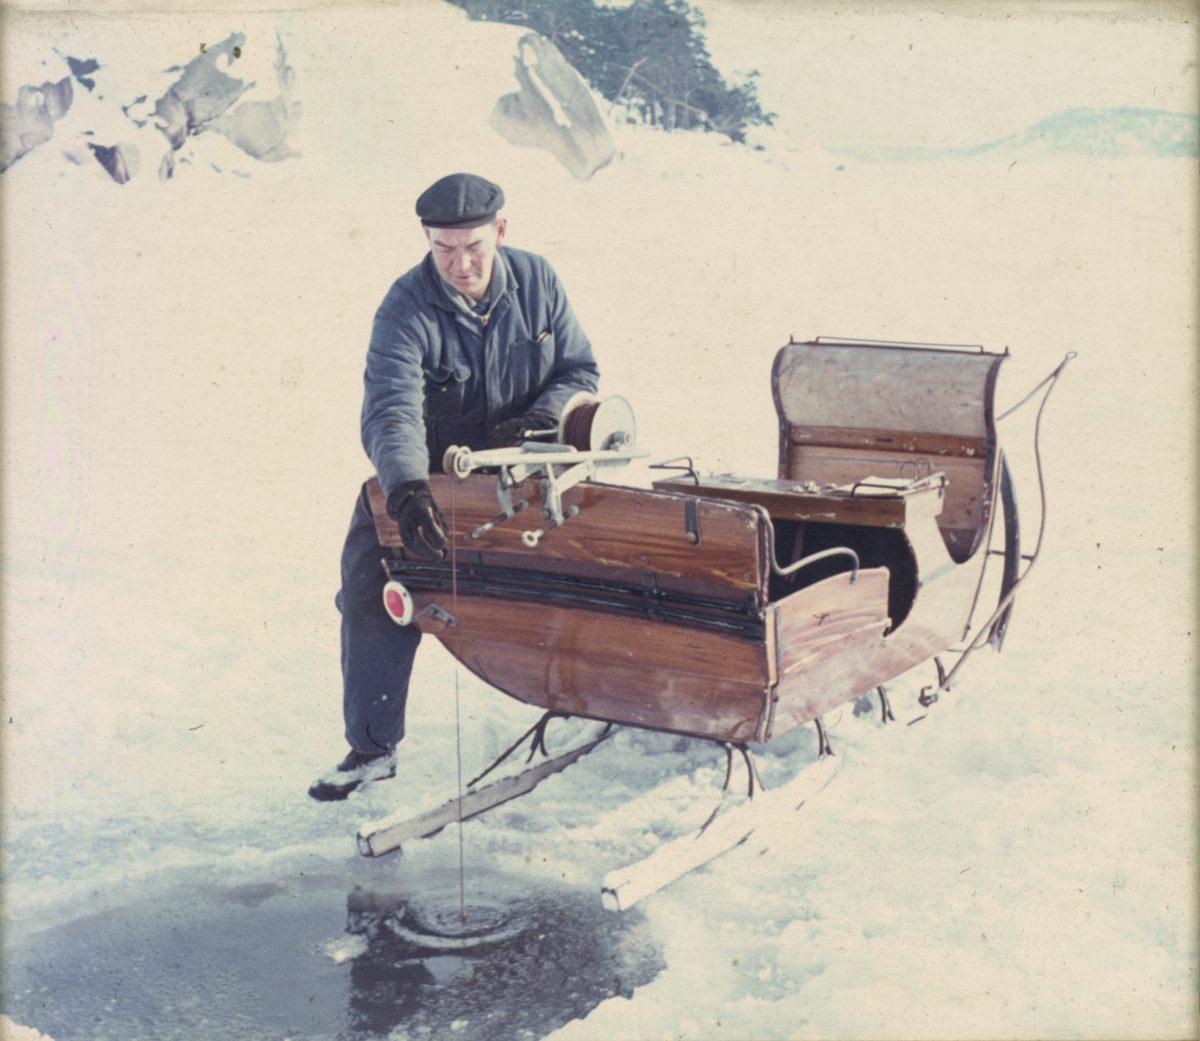 """Gunnar Vikström, in """"Seili, Saaristomeren Tutkimusta 50 Vuotta, Turun Yliopisto"""". The early years of the time series research in Seili."""